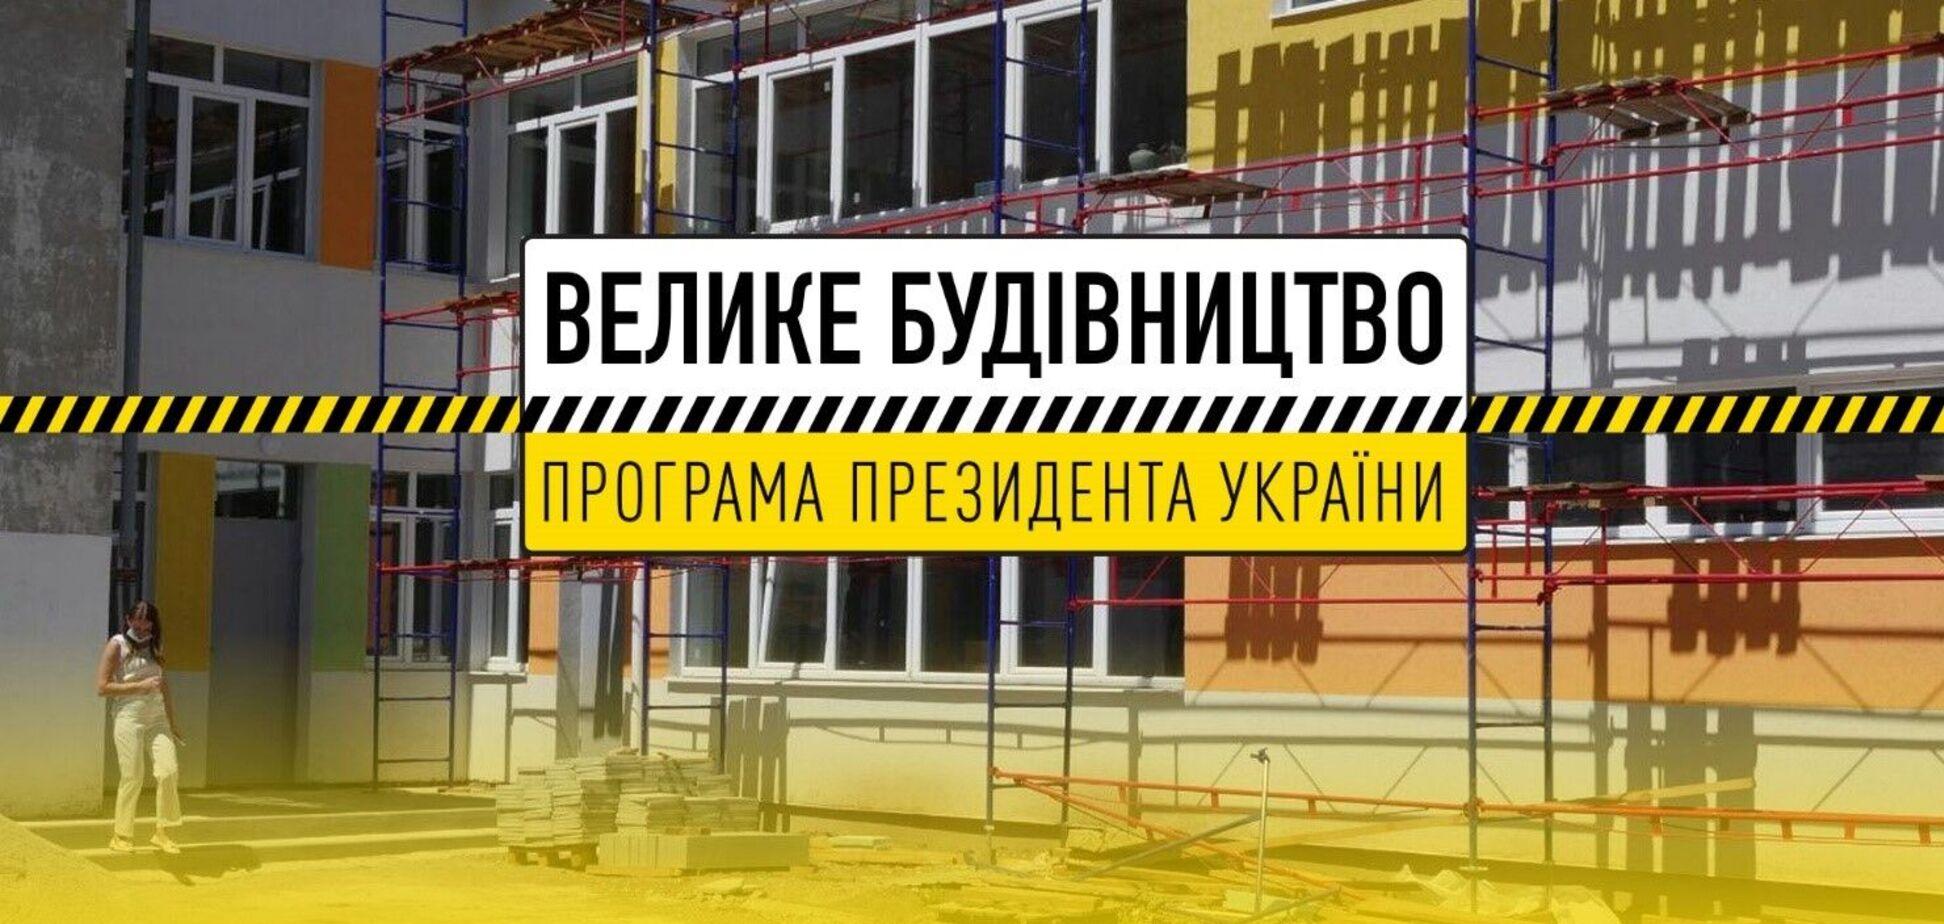 Політолог розвінчав міфі щодо програми 'Велике будівництво'